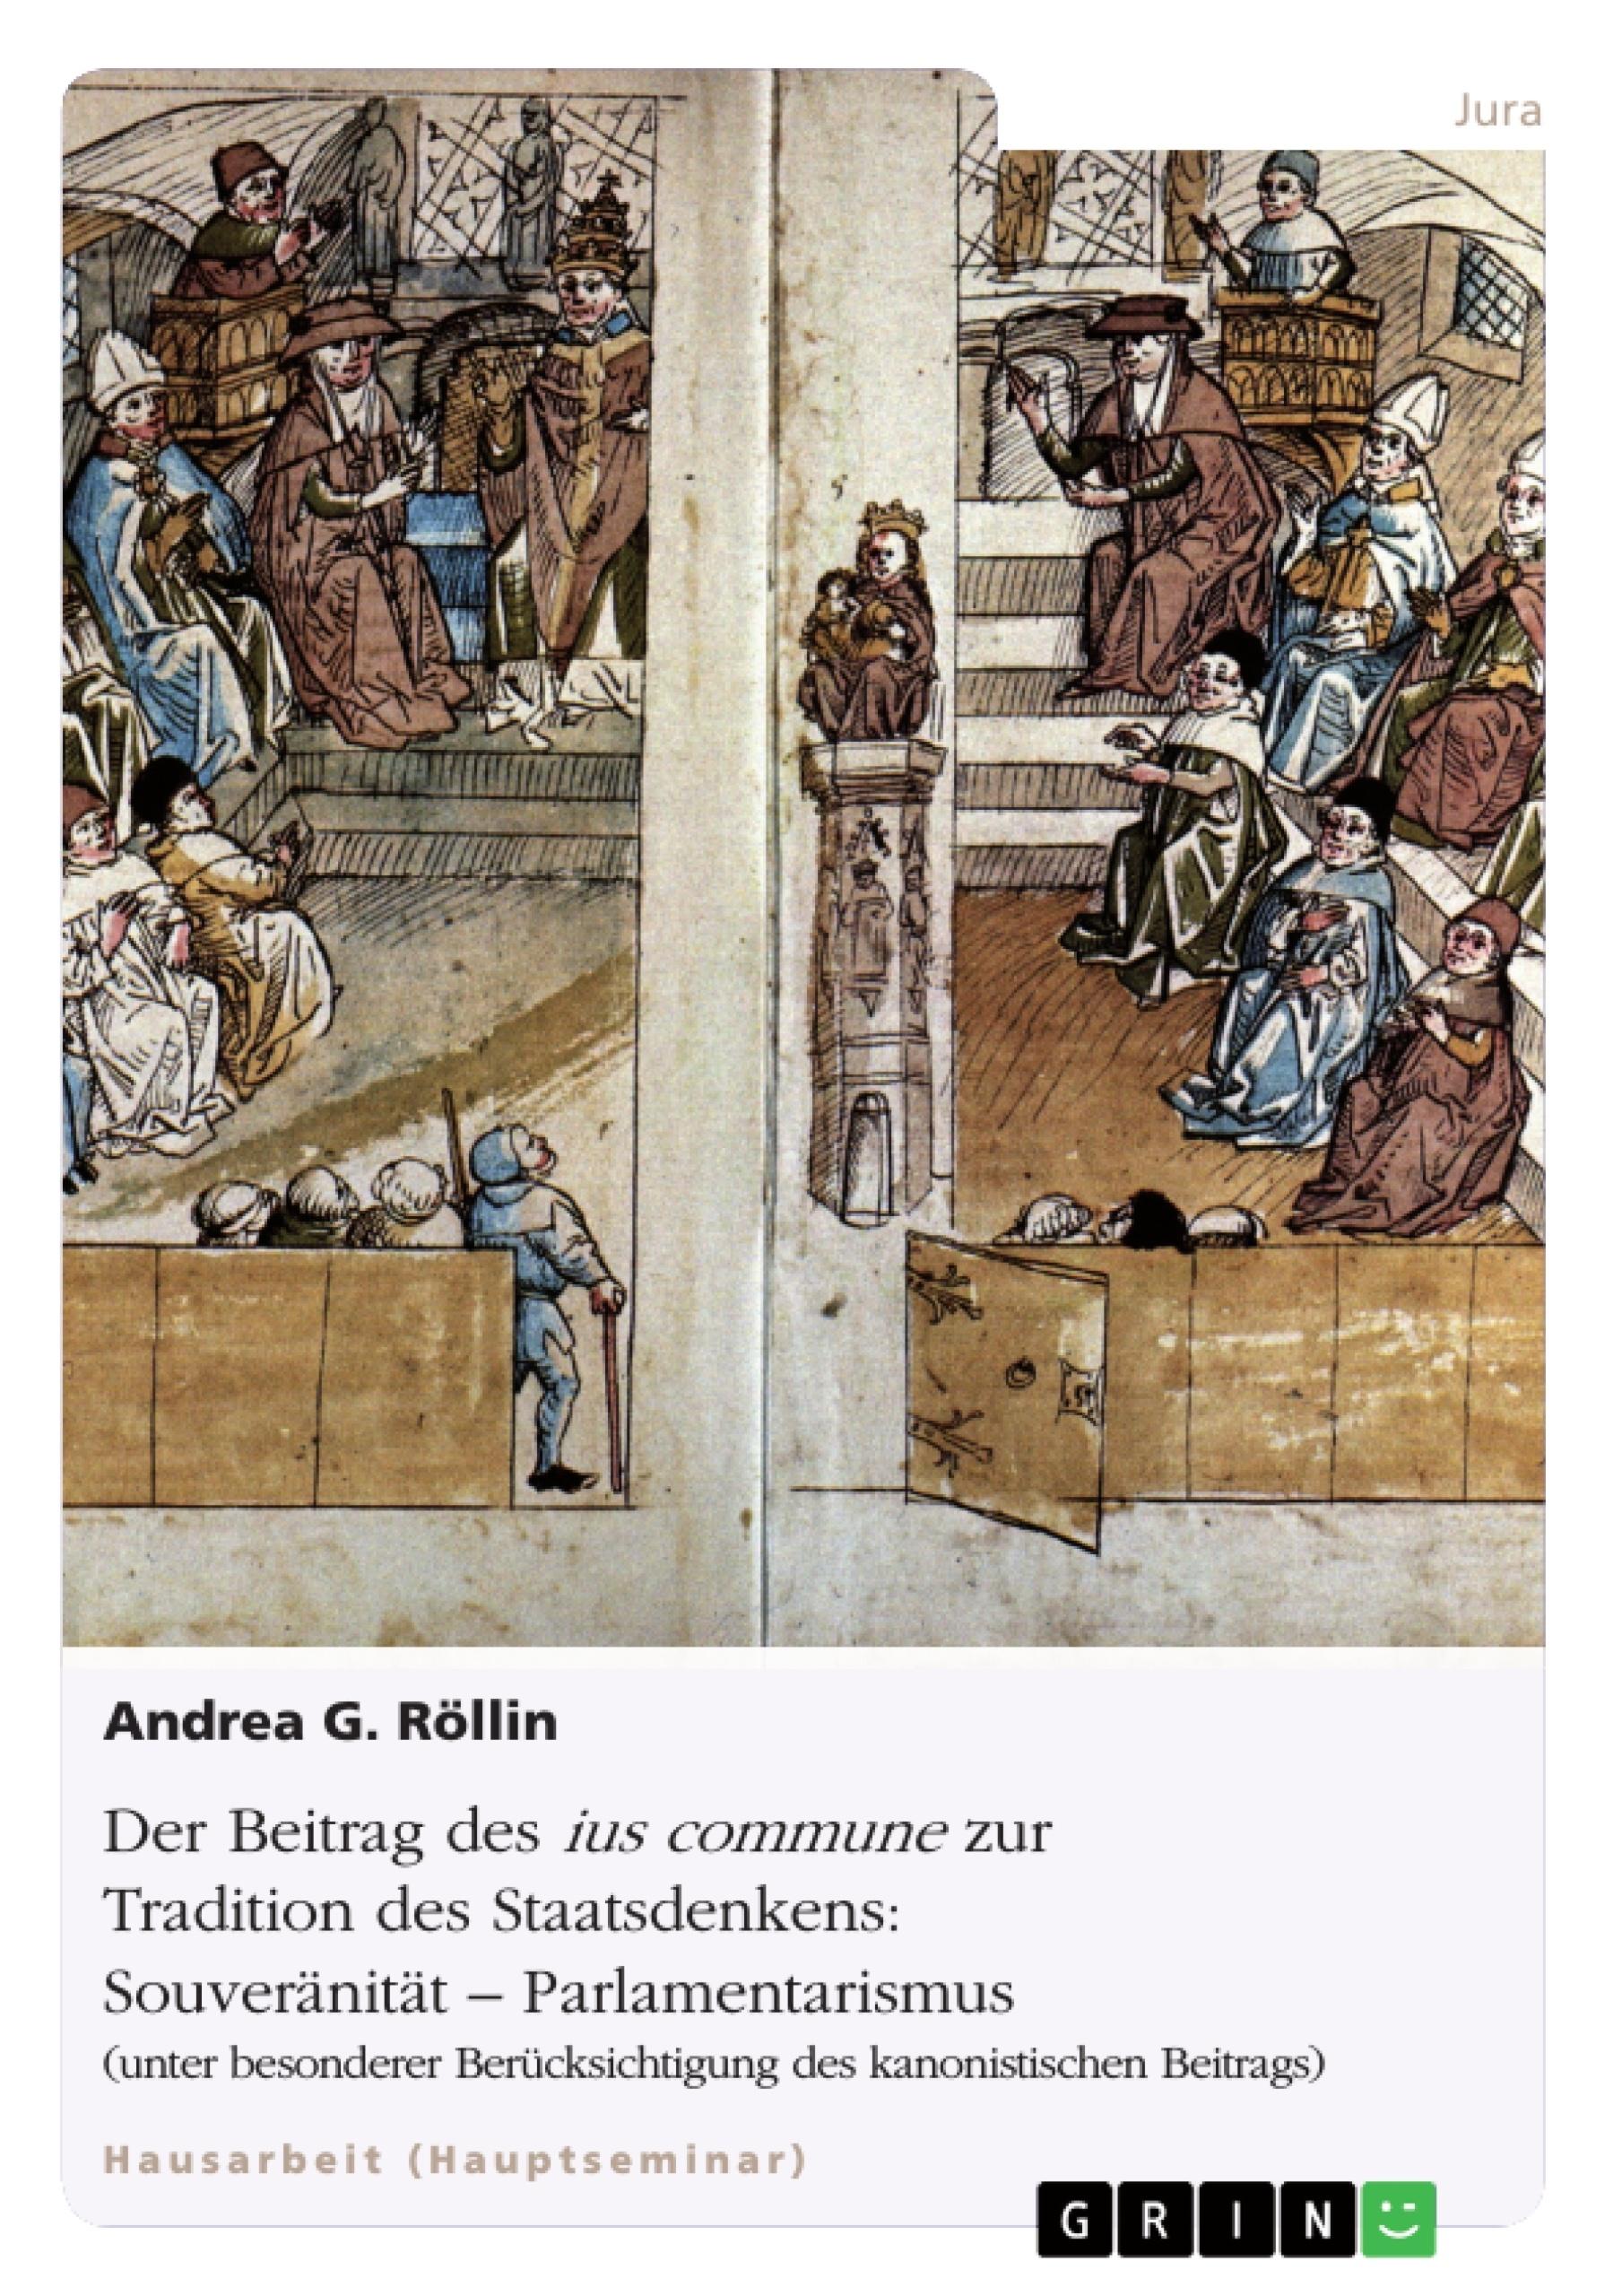 Titel: Der Beitrag des ius commune zur Tradition des Staatsdenkens: Souveränität - Parlamentarismus